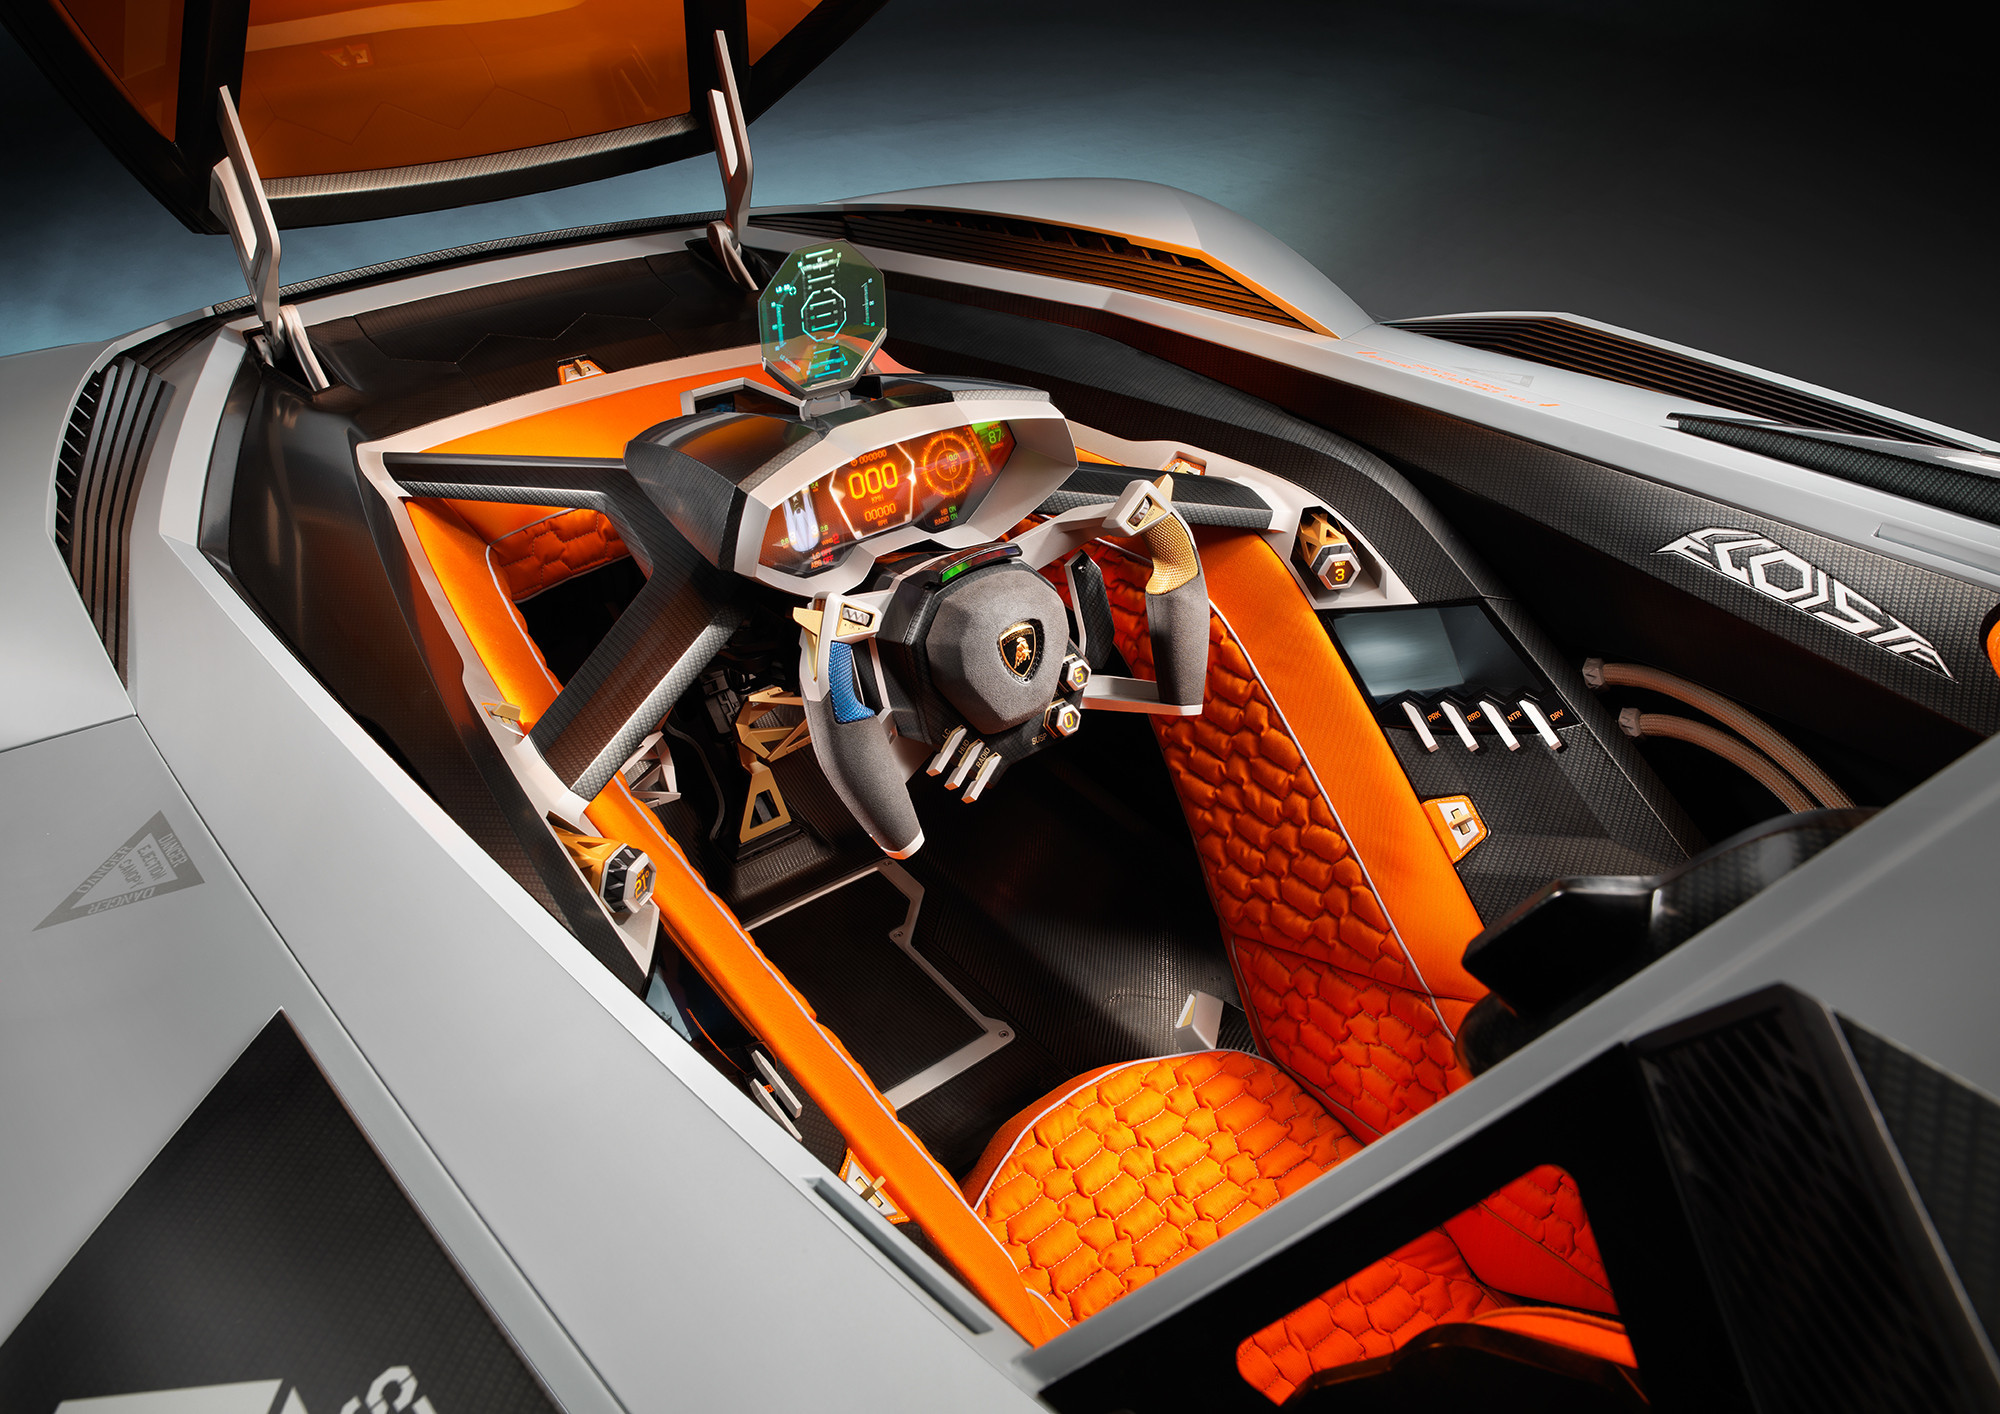 Lamborghini egoista horsepower